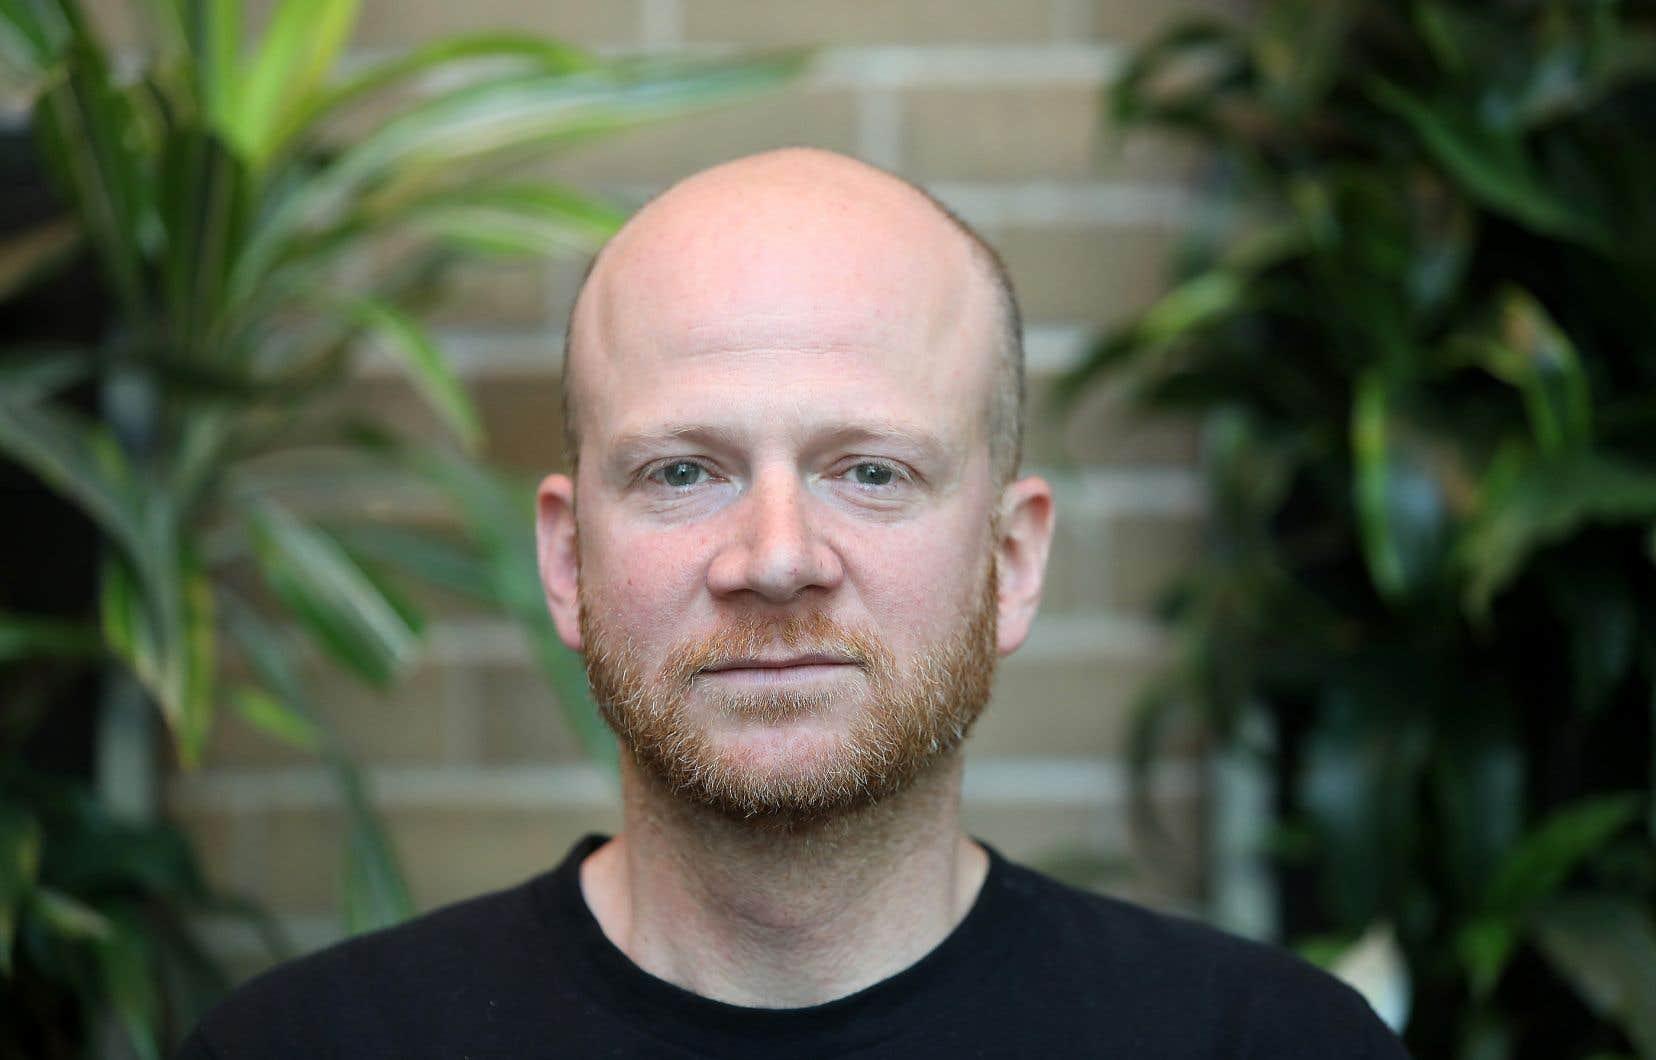 Le scénariste-réalisateurEmanuel Hoss-Desmarais révèle que le décès de son père en 2016 a joué un rôle dans le processus créatif de «Birthmarked».